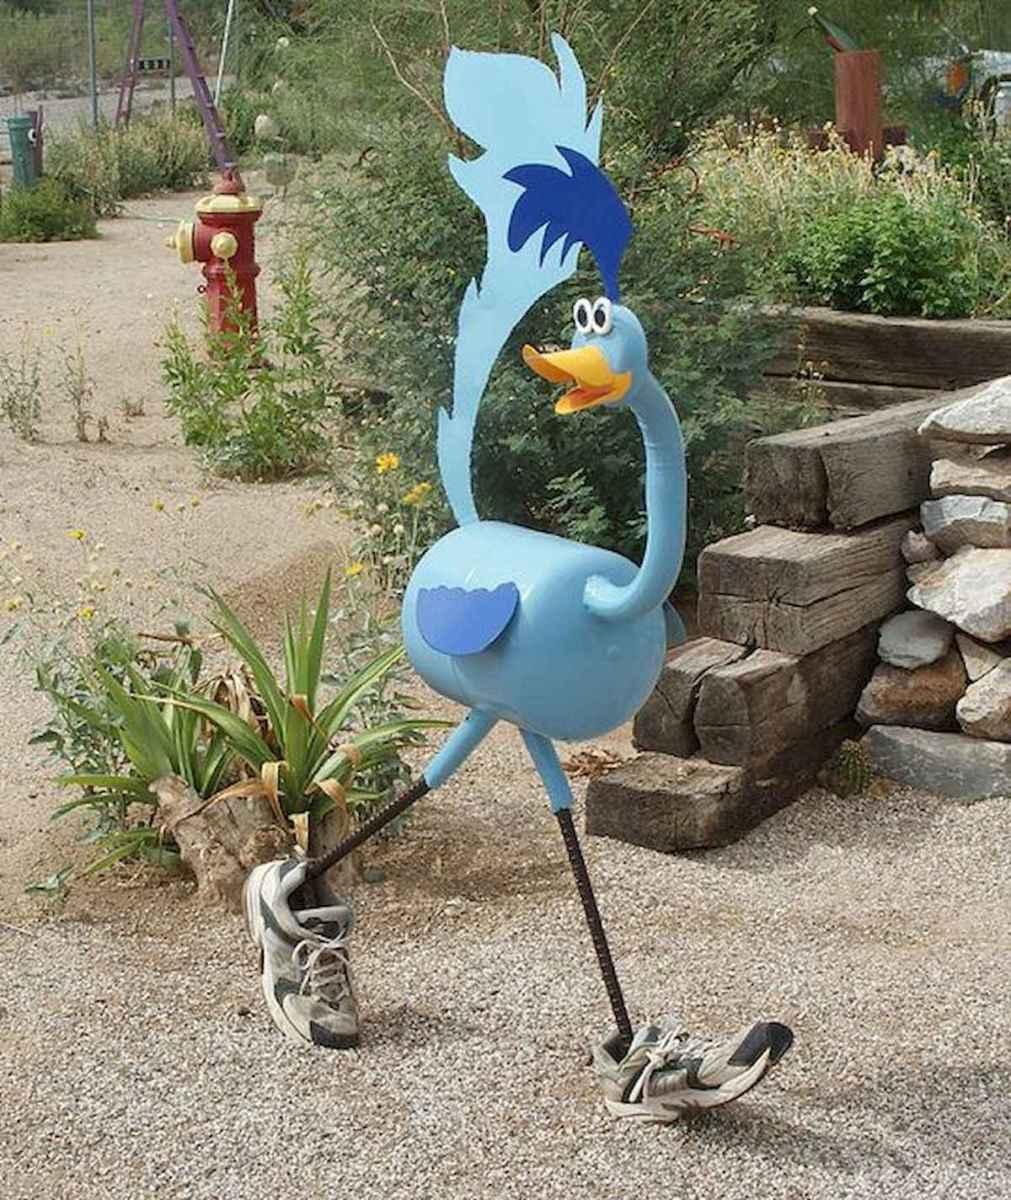 70 Best Metal Garden Art Design Ideas For Summer (14)